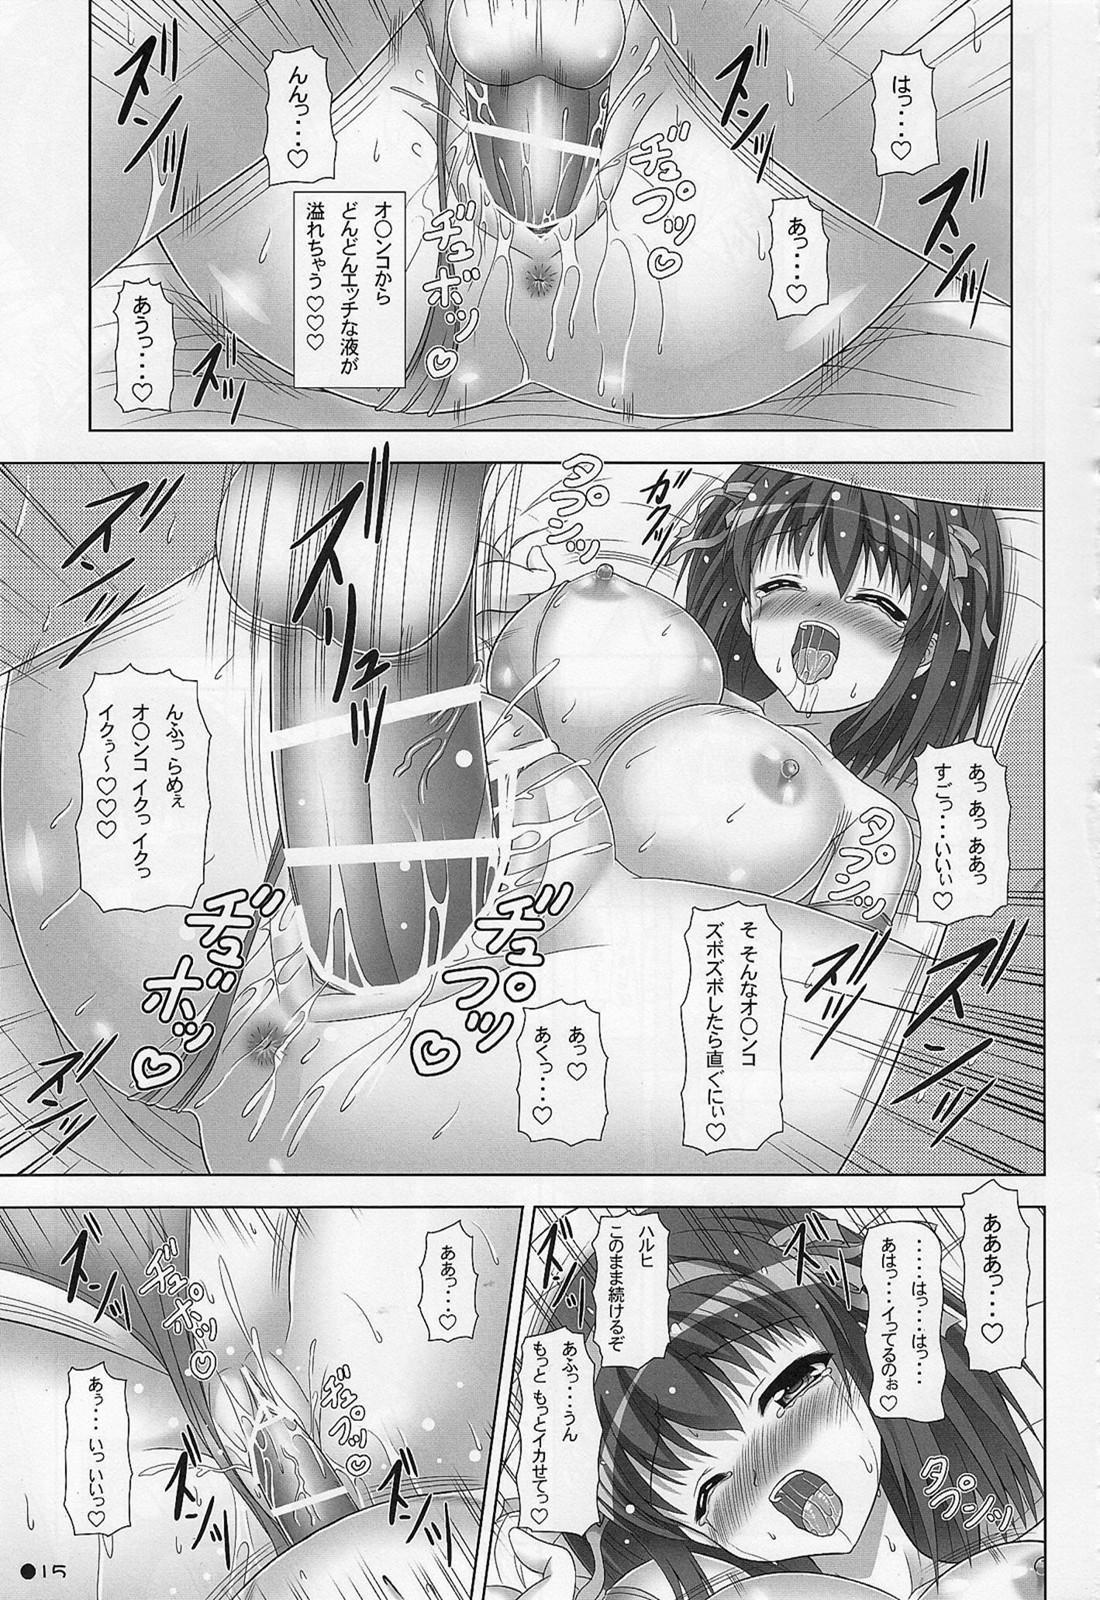 Harukyon no Ecchi Hon 11 13